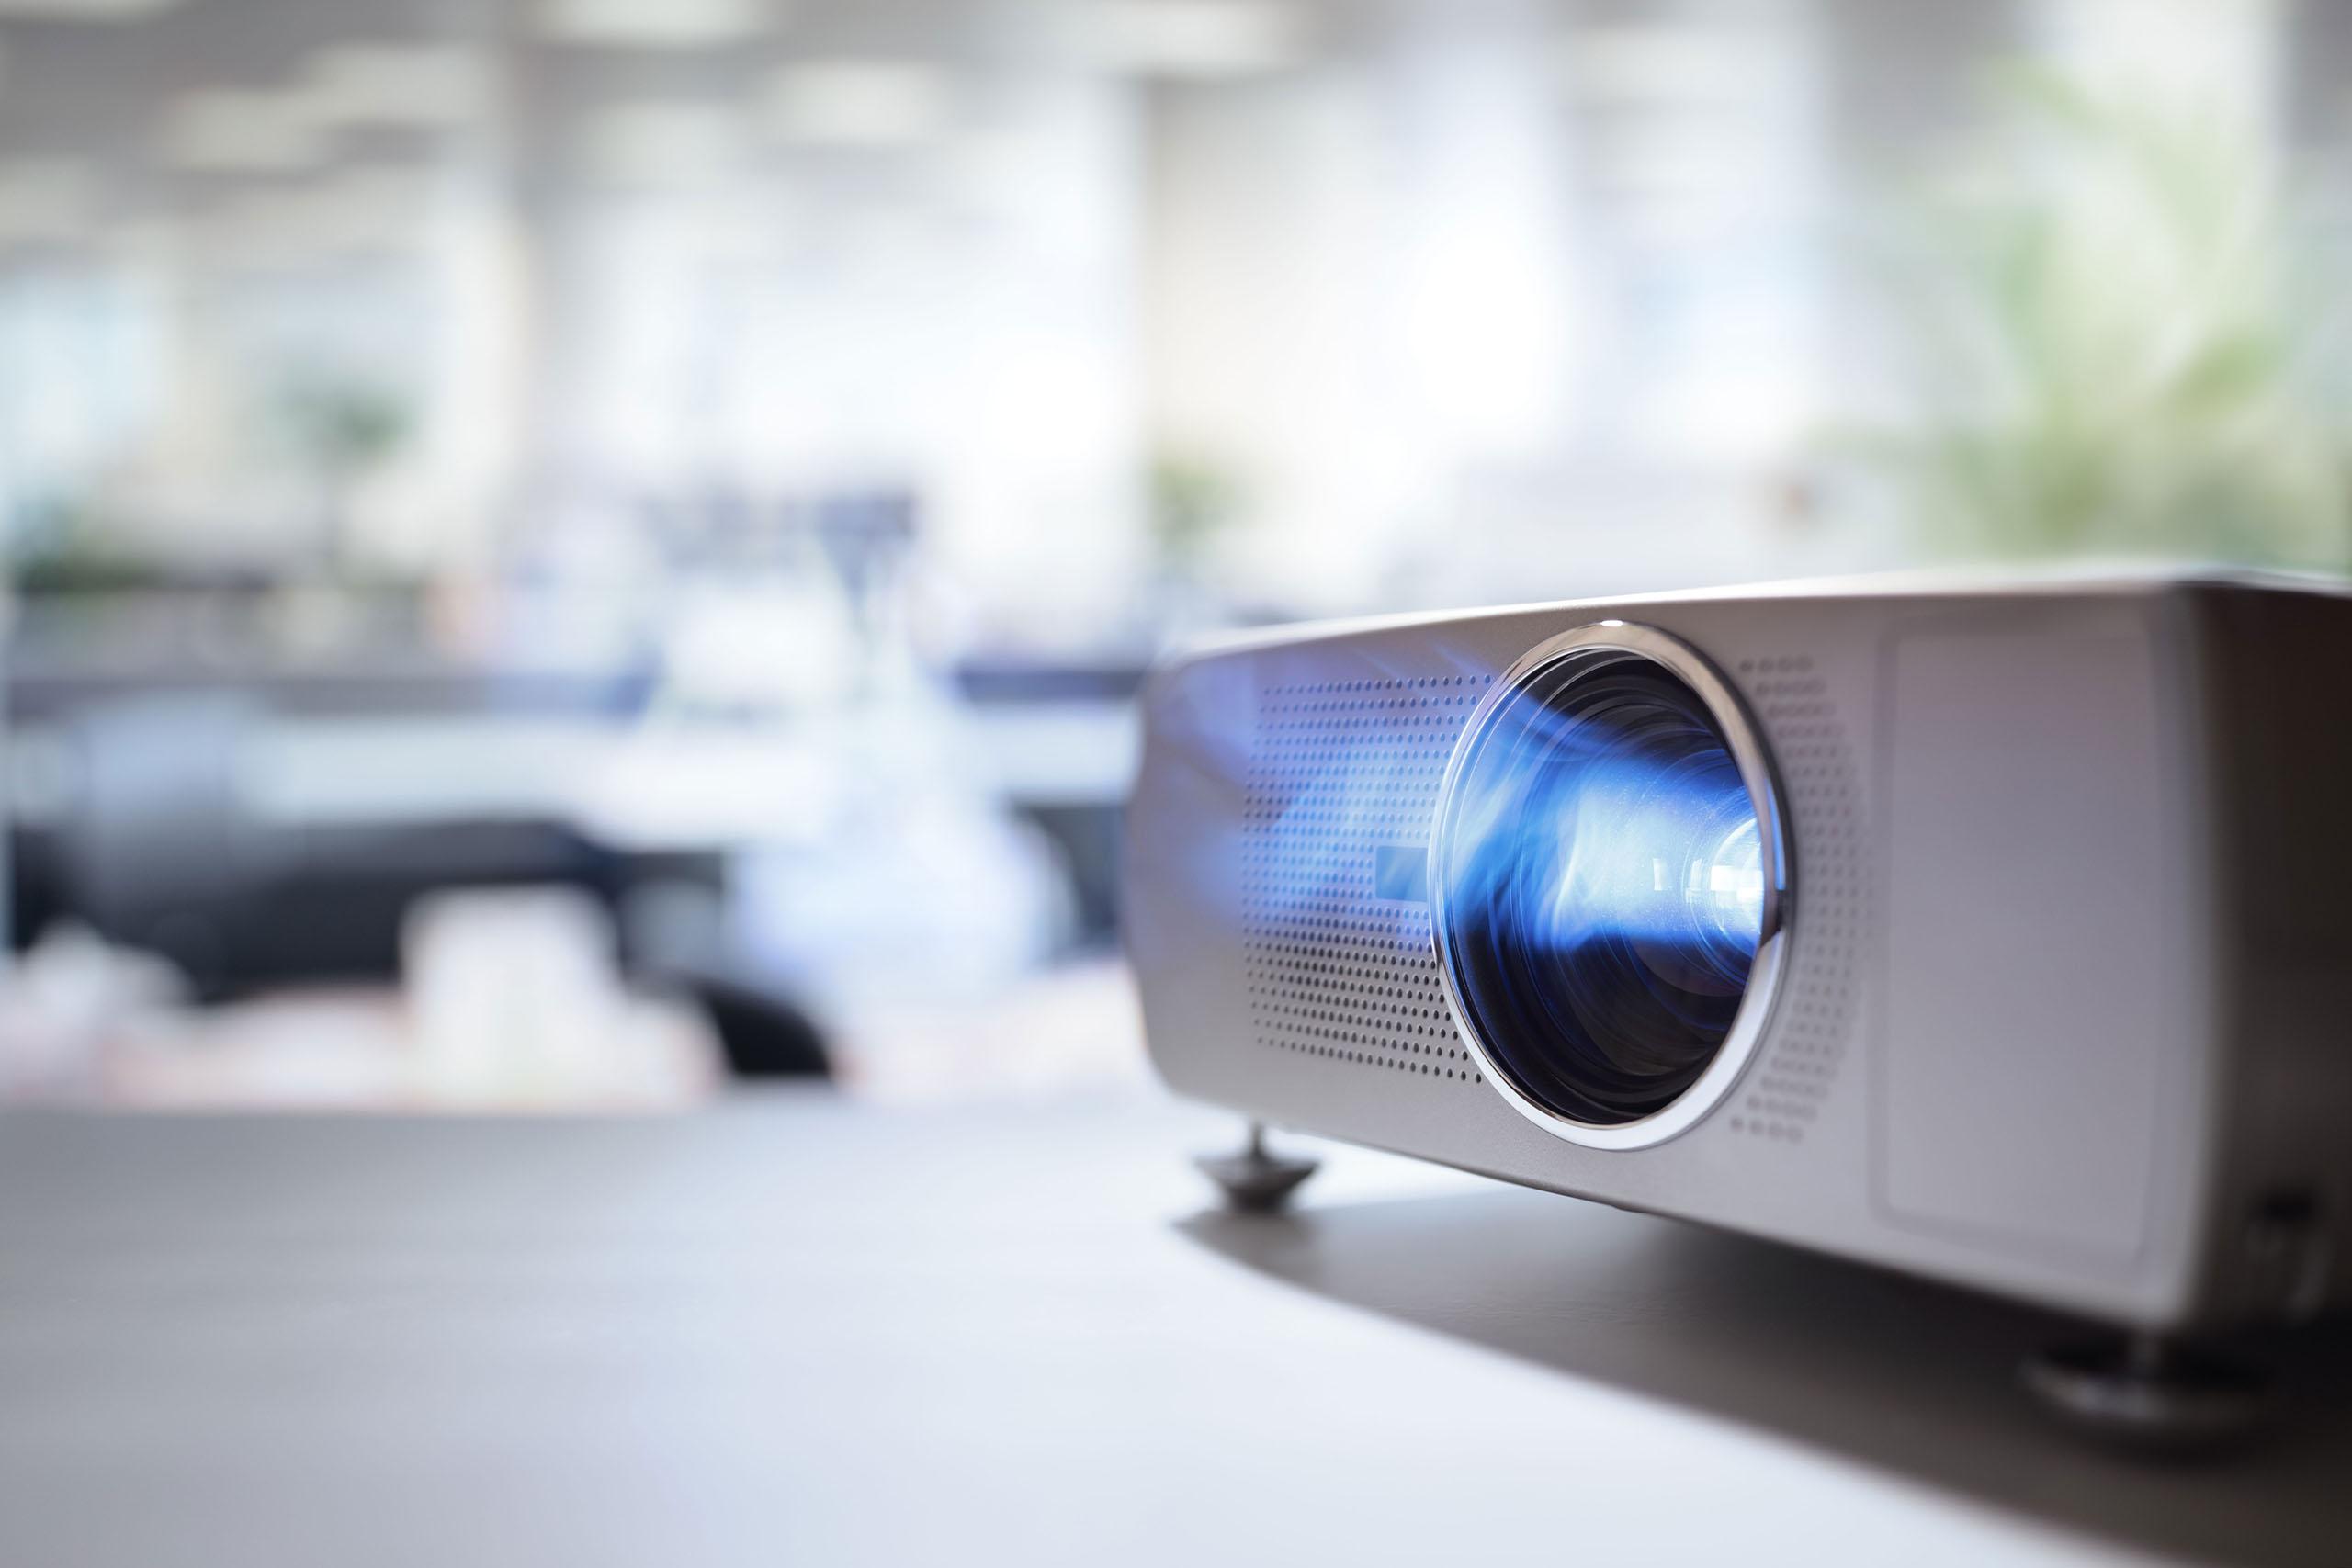 Bilder über einen Projektor darstellen